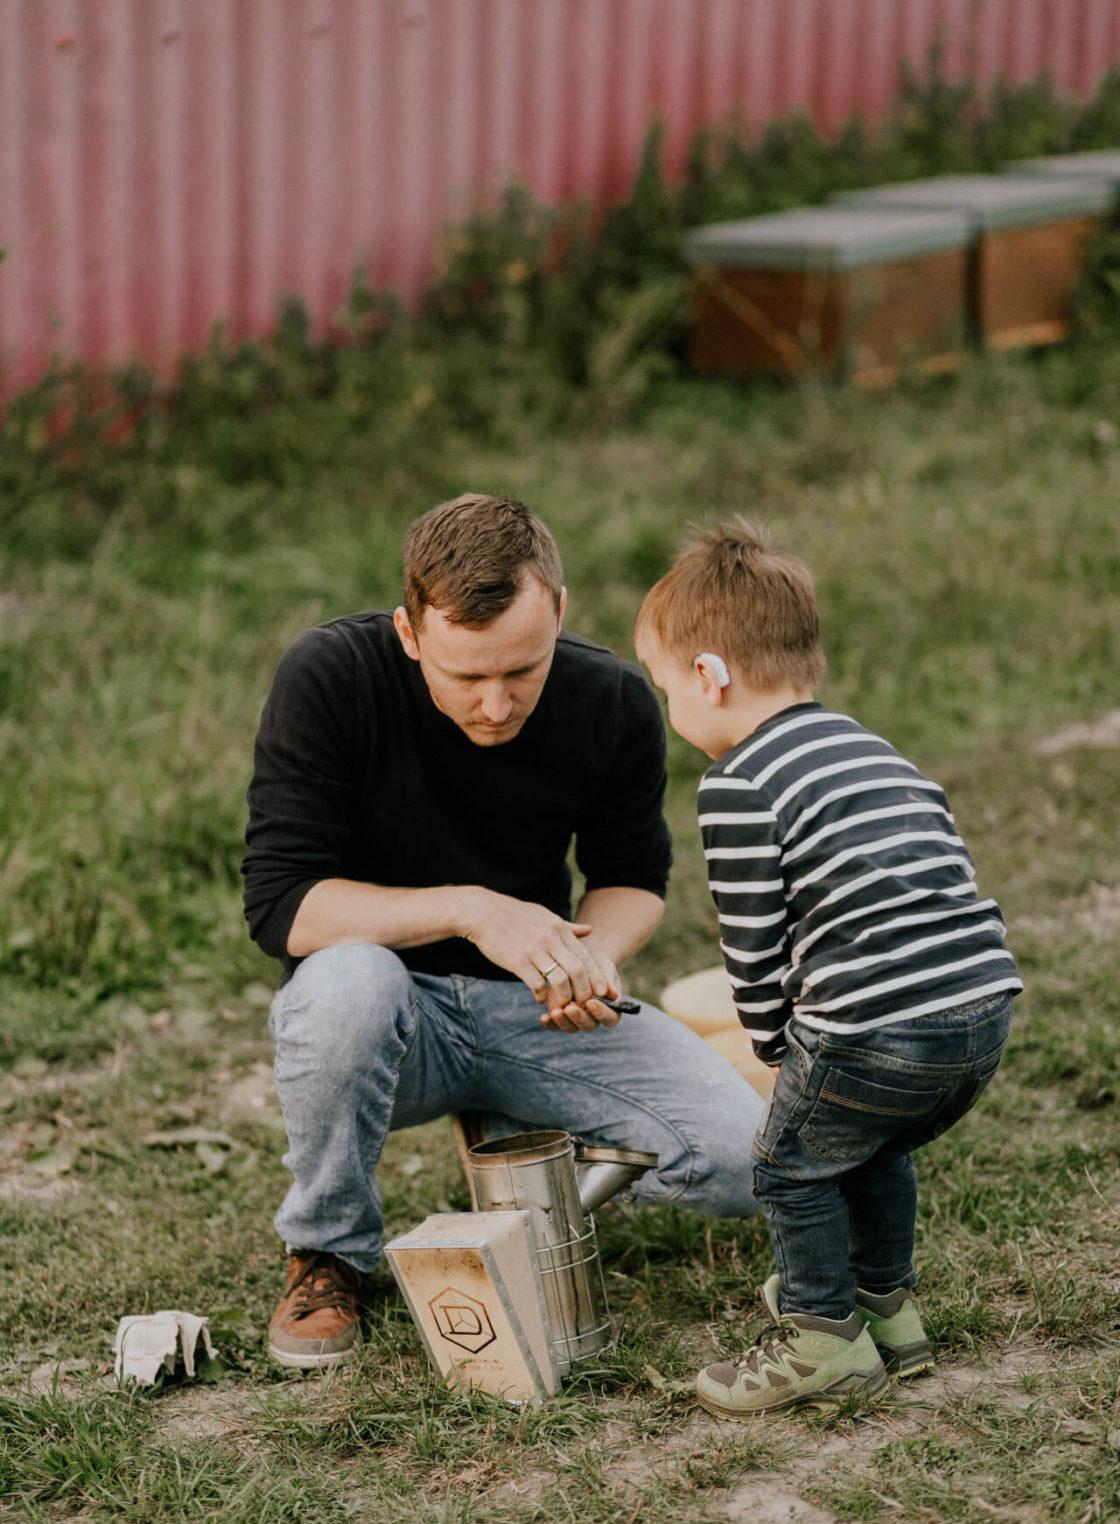 Mann und Kind beim imkern Grega's Imkerei